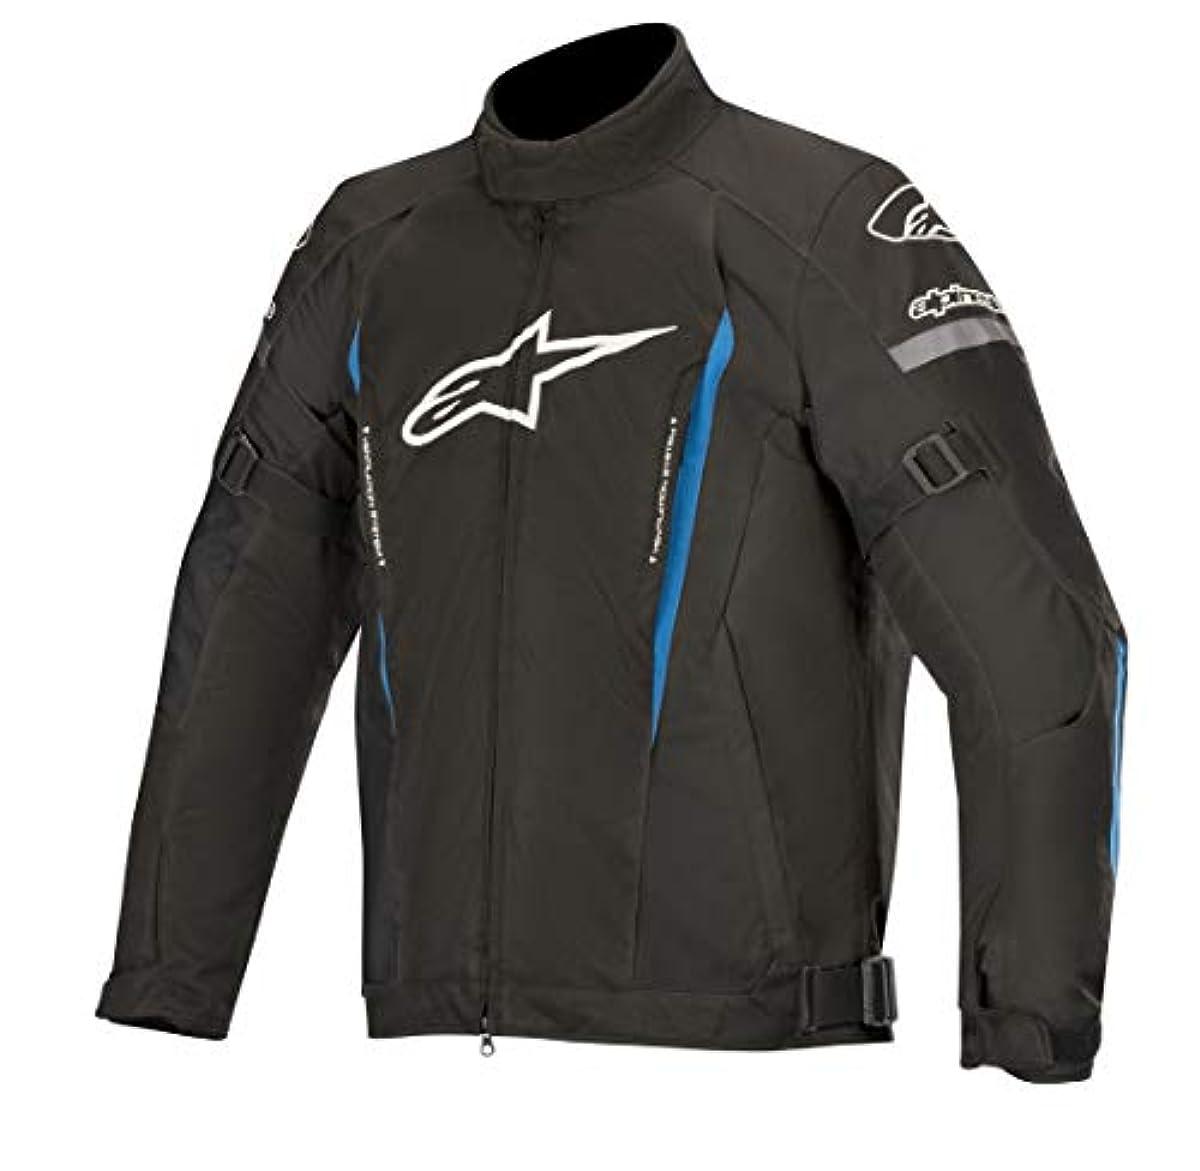 [해외] ALPINESTARS(알파인 스타의)오토바이 재킷 블랙/블라이트 블루 (사이즈:XL) GUNNER V2(건너V2)방수 재킷(320 6819) 1693003304